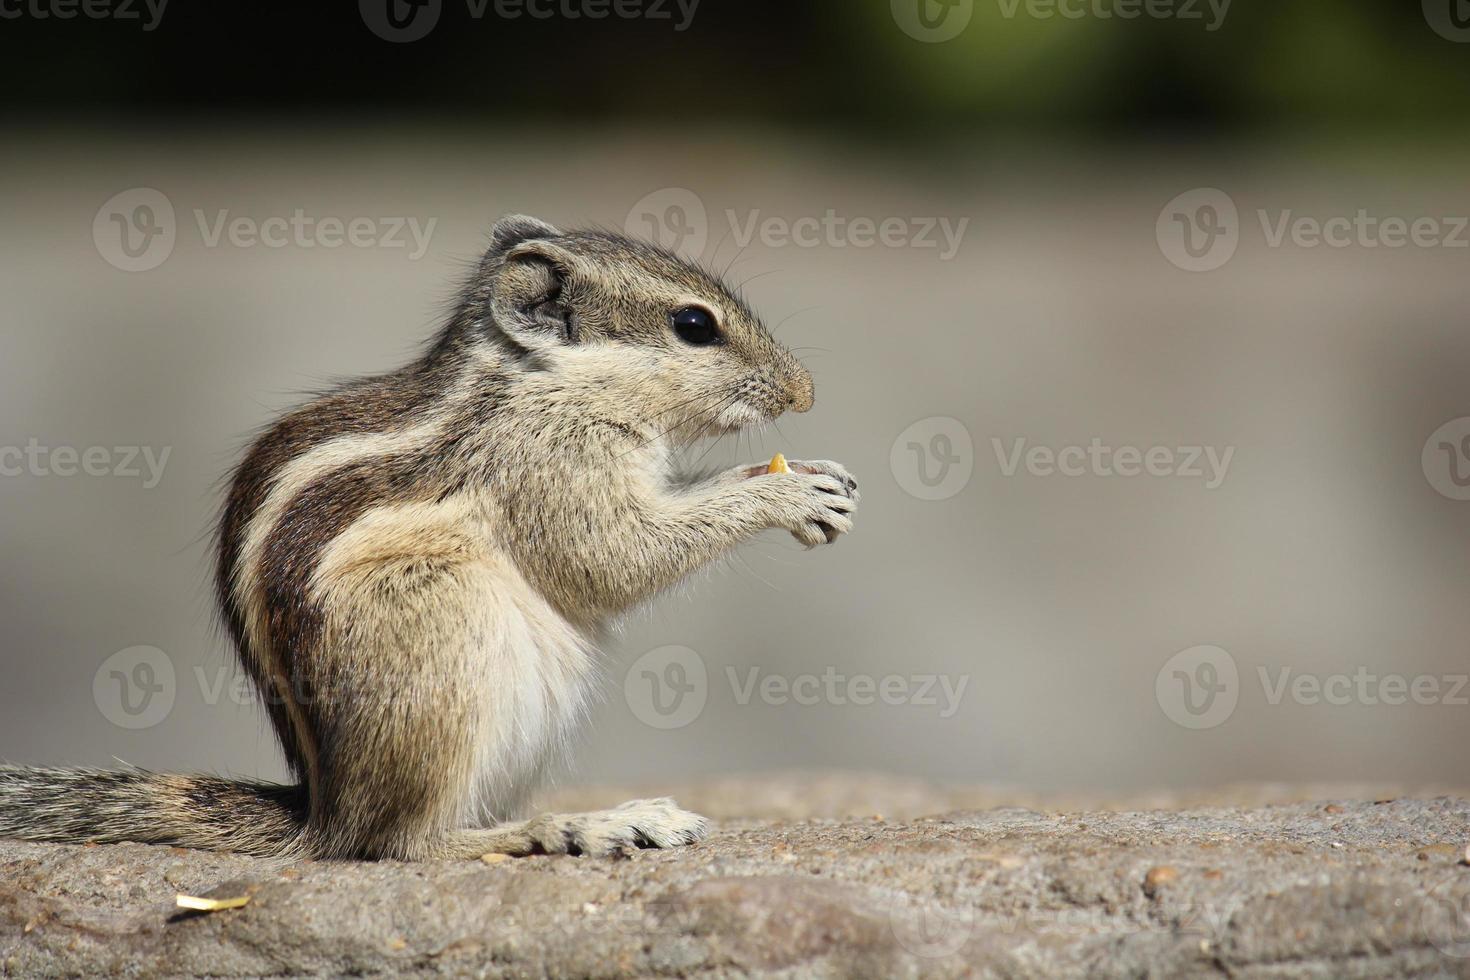 pequeno roedor comendo uma bolota foto